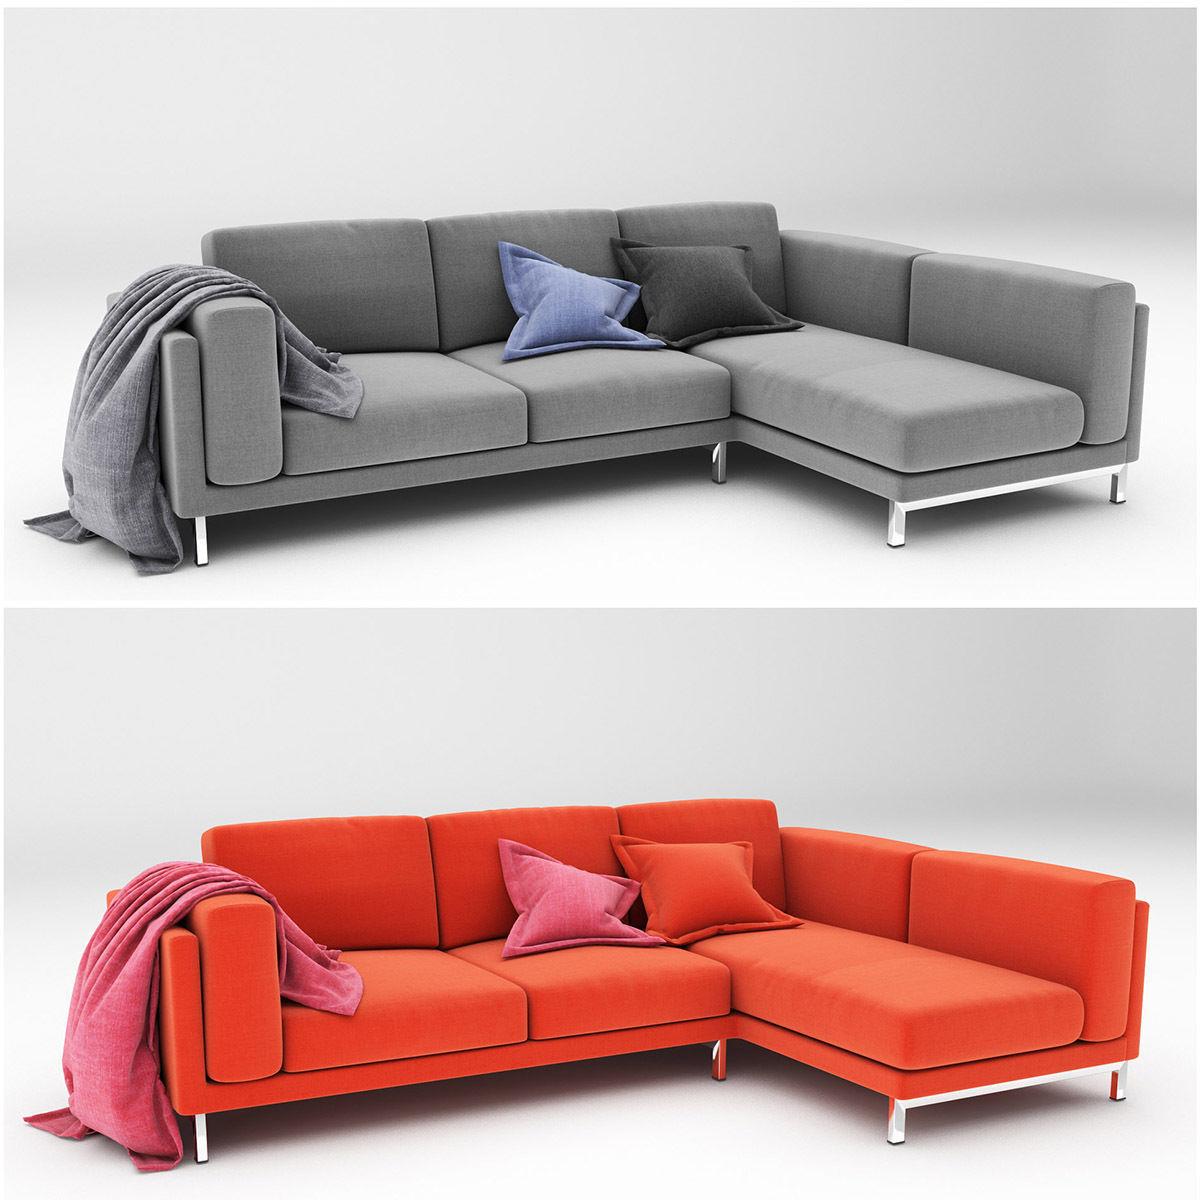 Sofa Nockeby O2d5 3d Nockeby 2 sofa Cgtrader